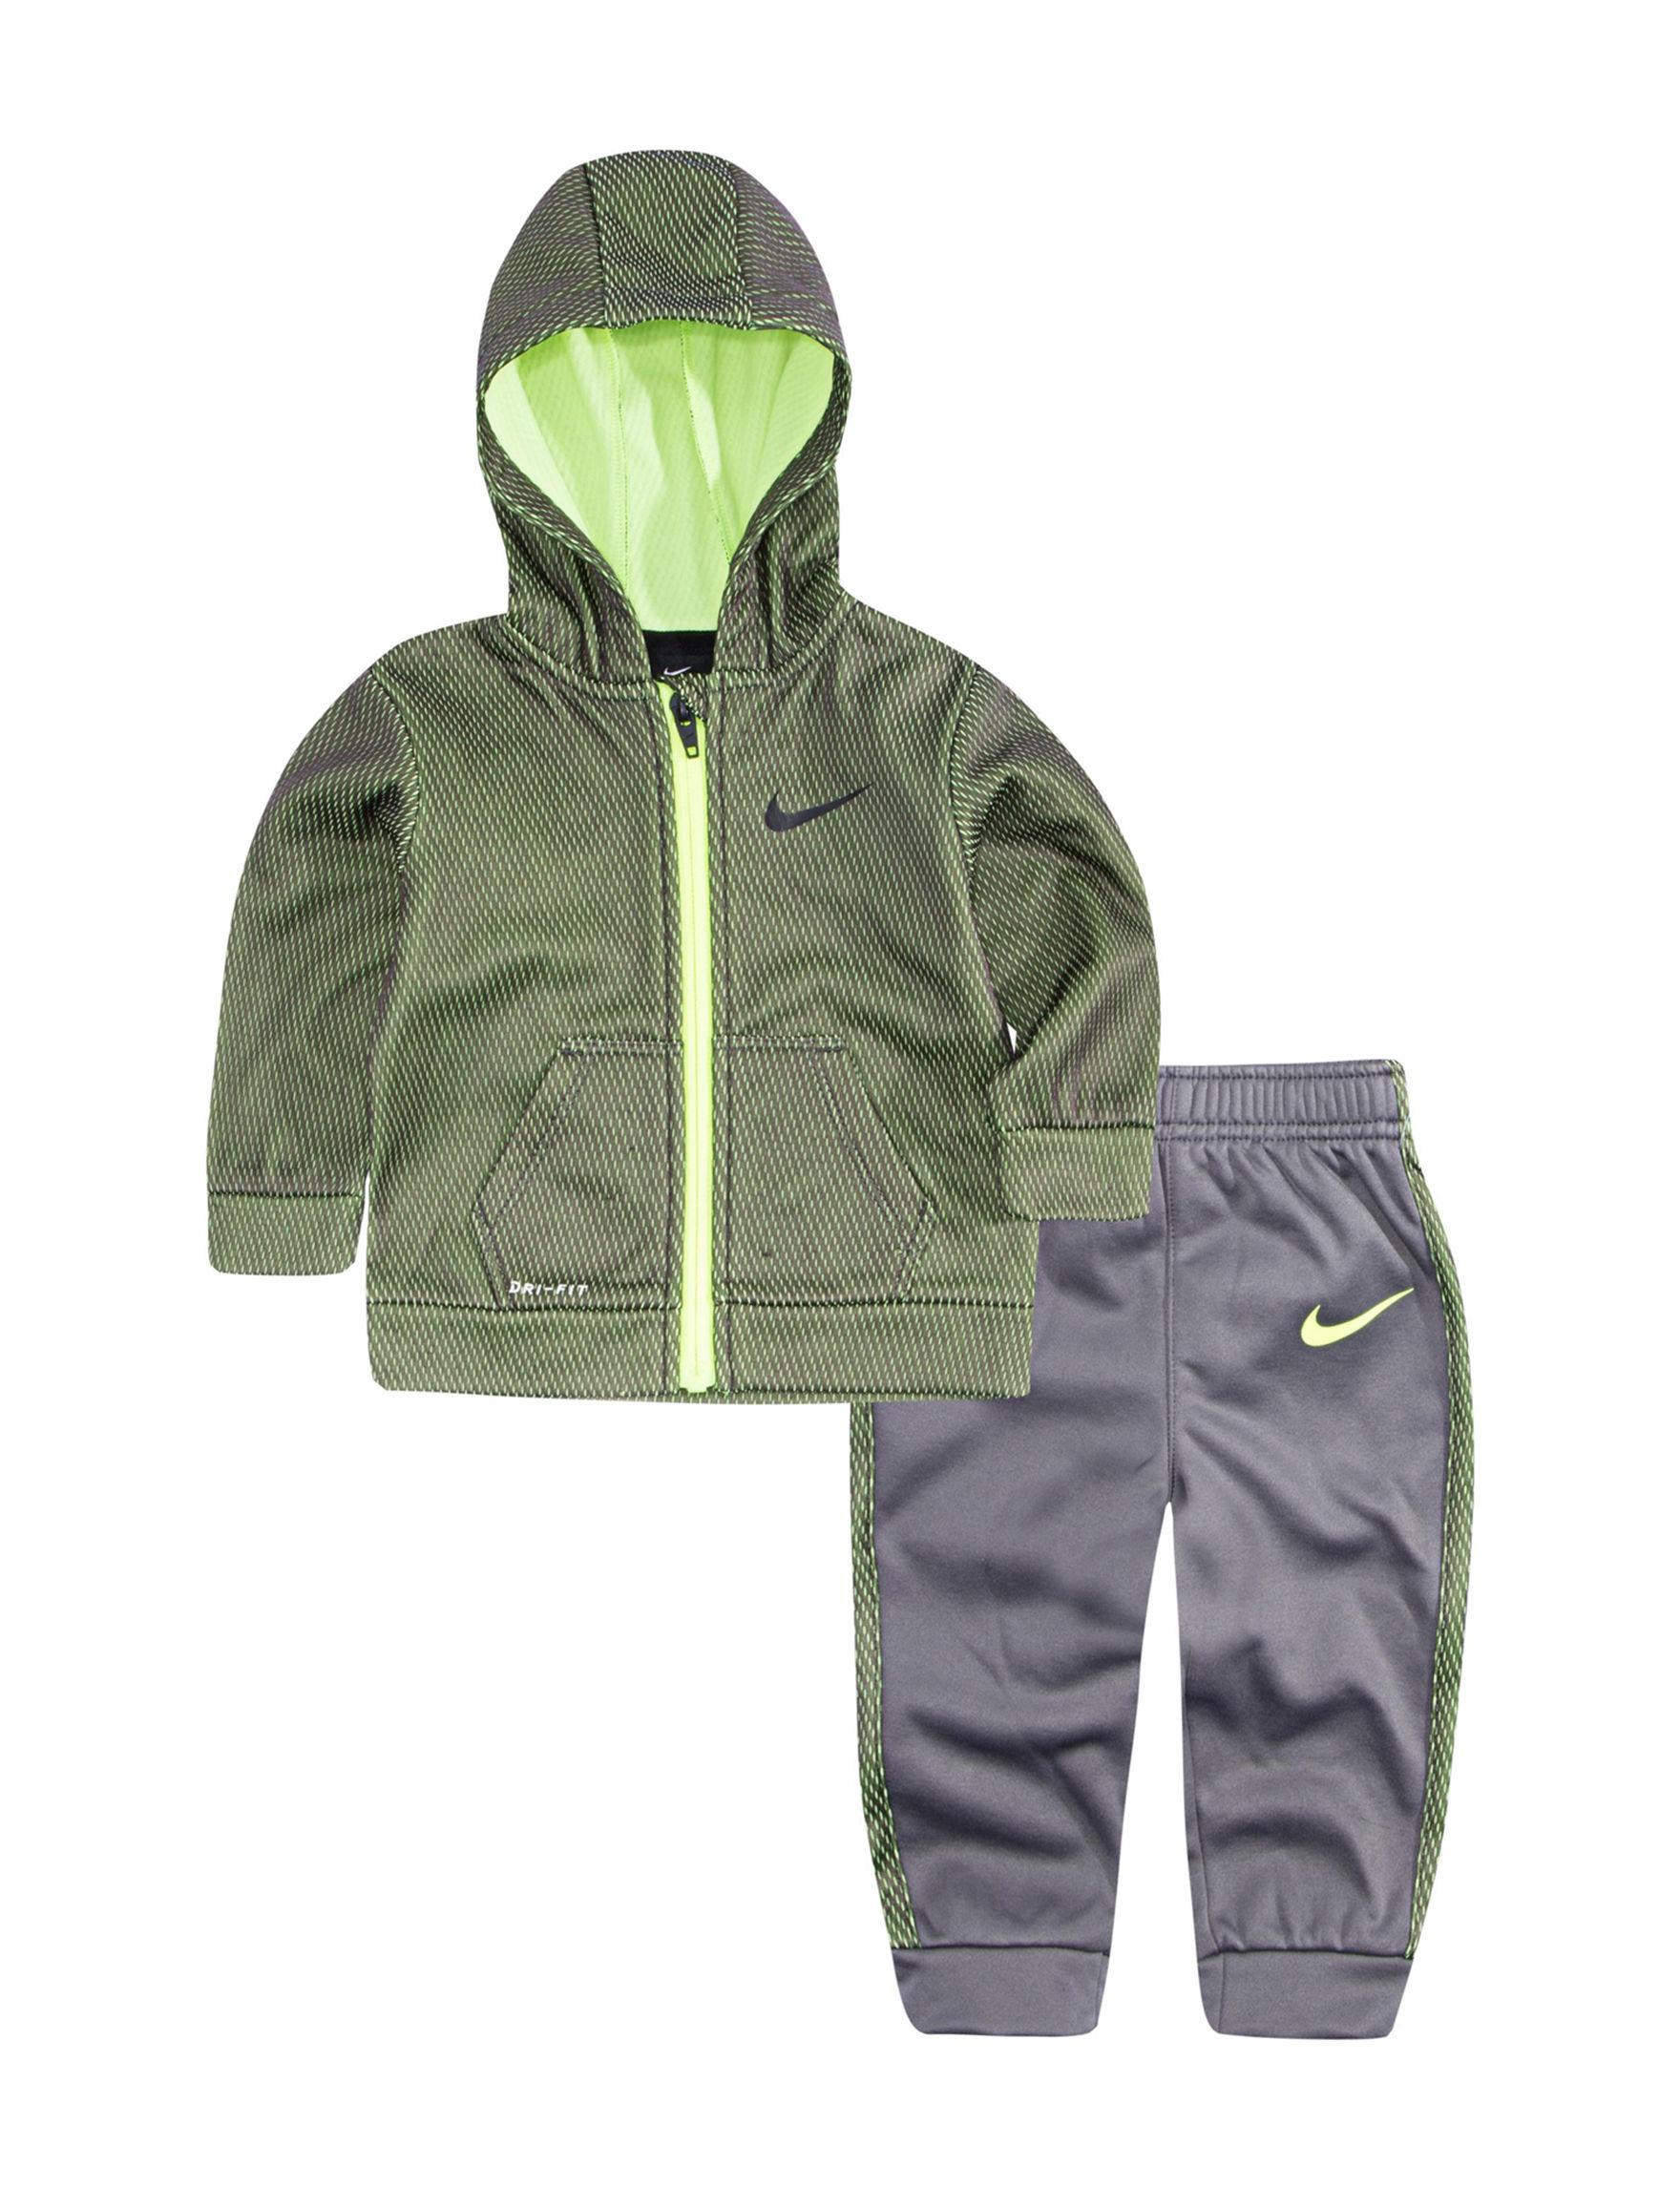 Nike Green / Grey